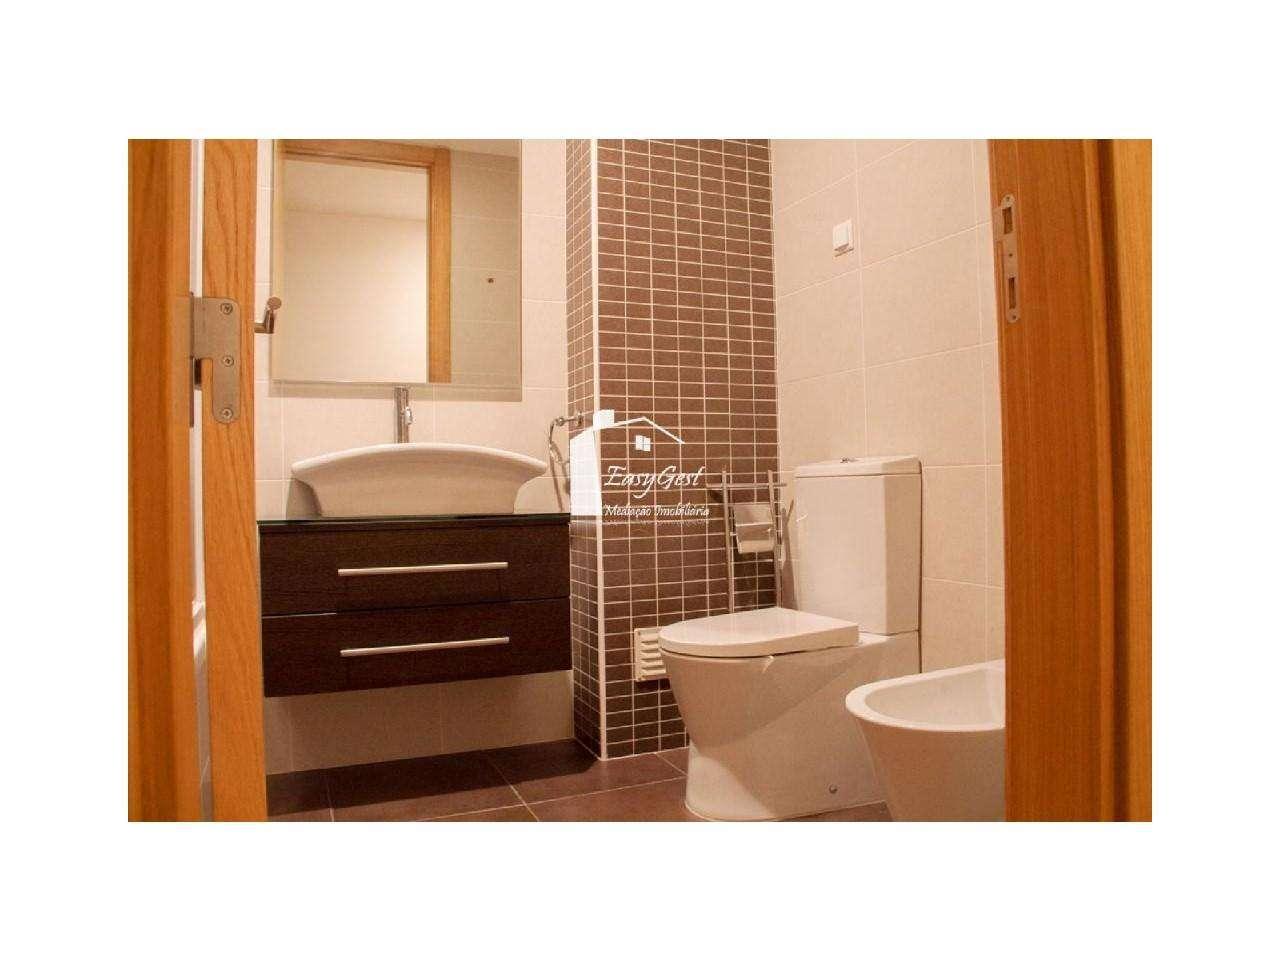 Apartamento para comprar, Tomar (São João Baptista) e Santa Maria dos Olivais, Tomar, Santarém - Foto 13